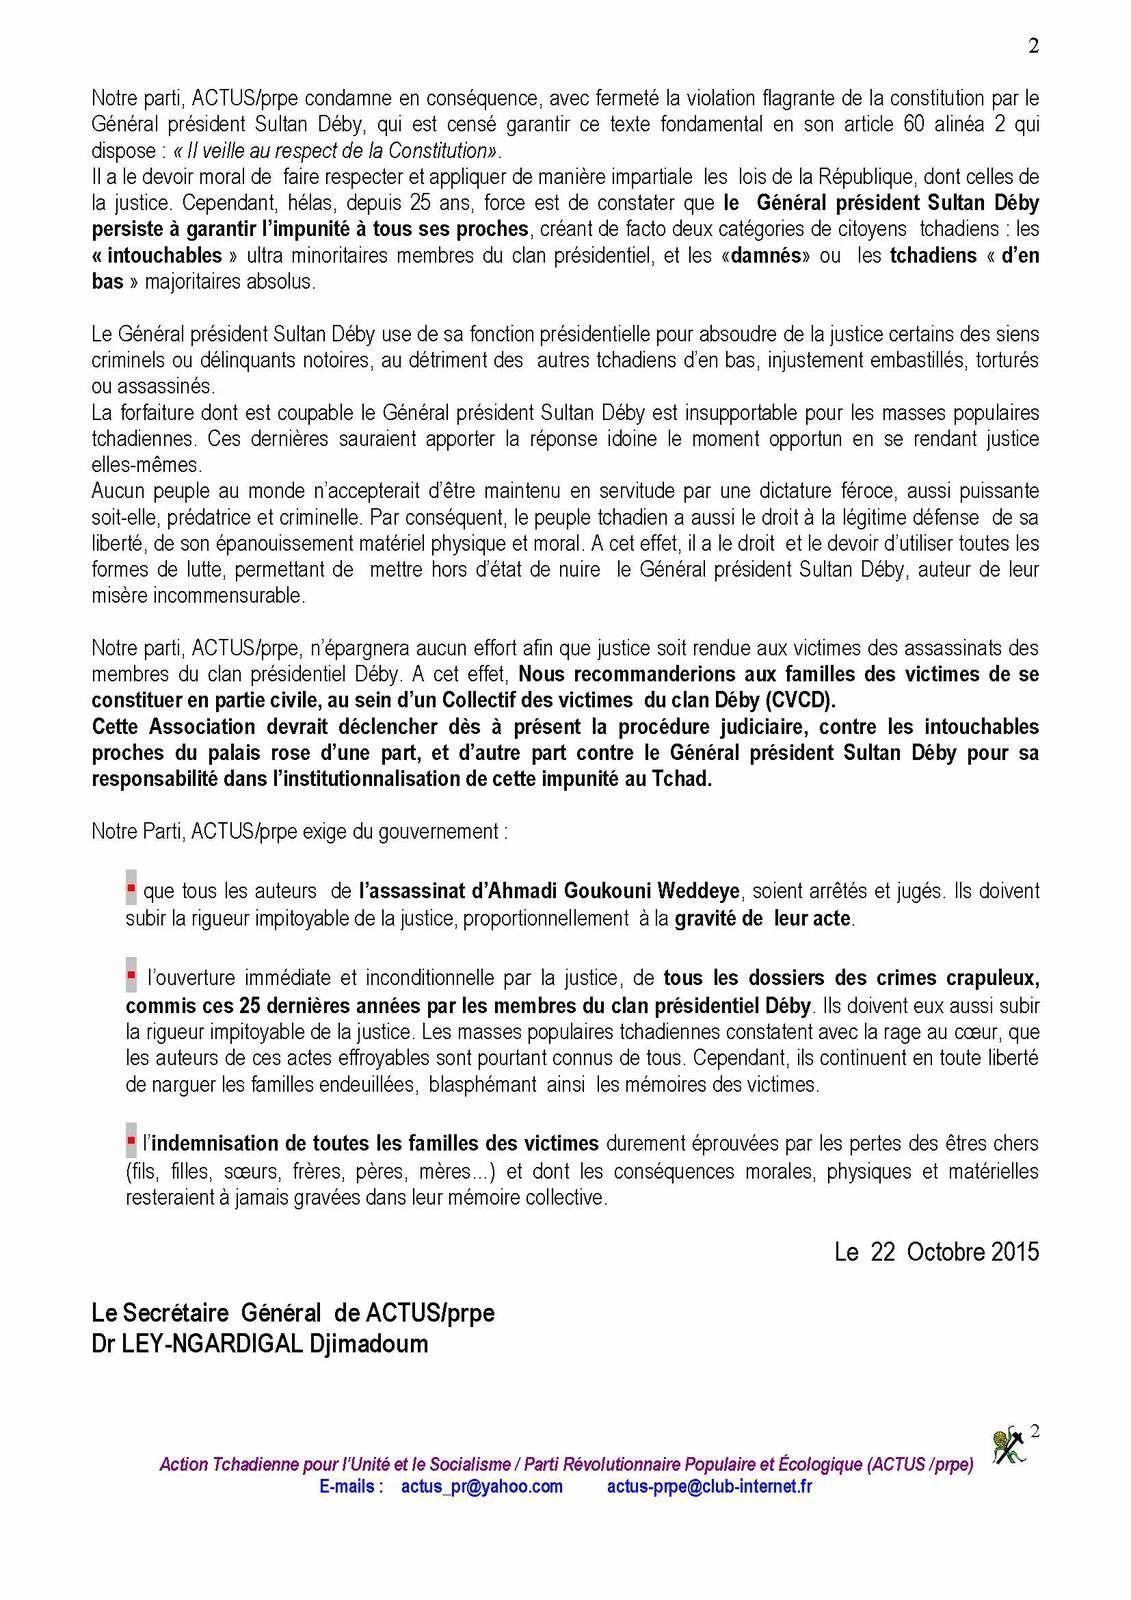 Tchad: ACTUS/PRPE s'insurge contre les victimes du clan Deby